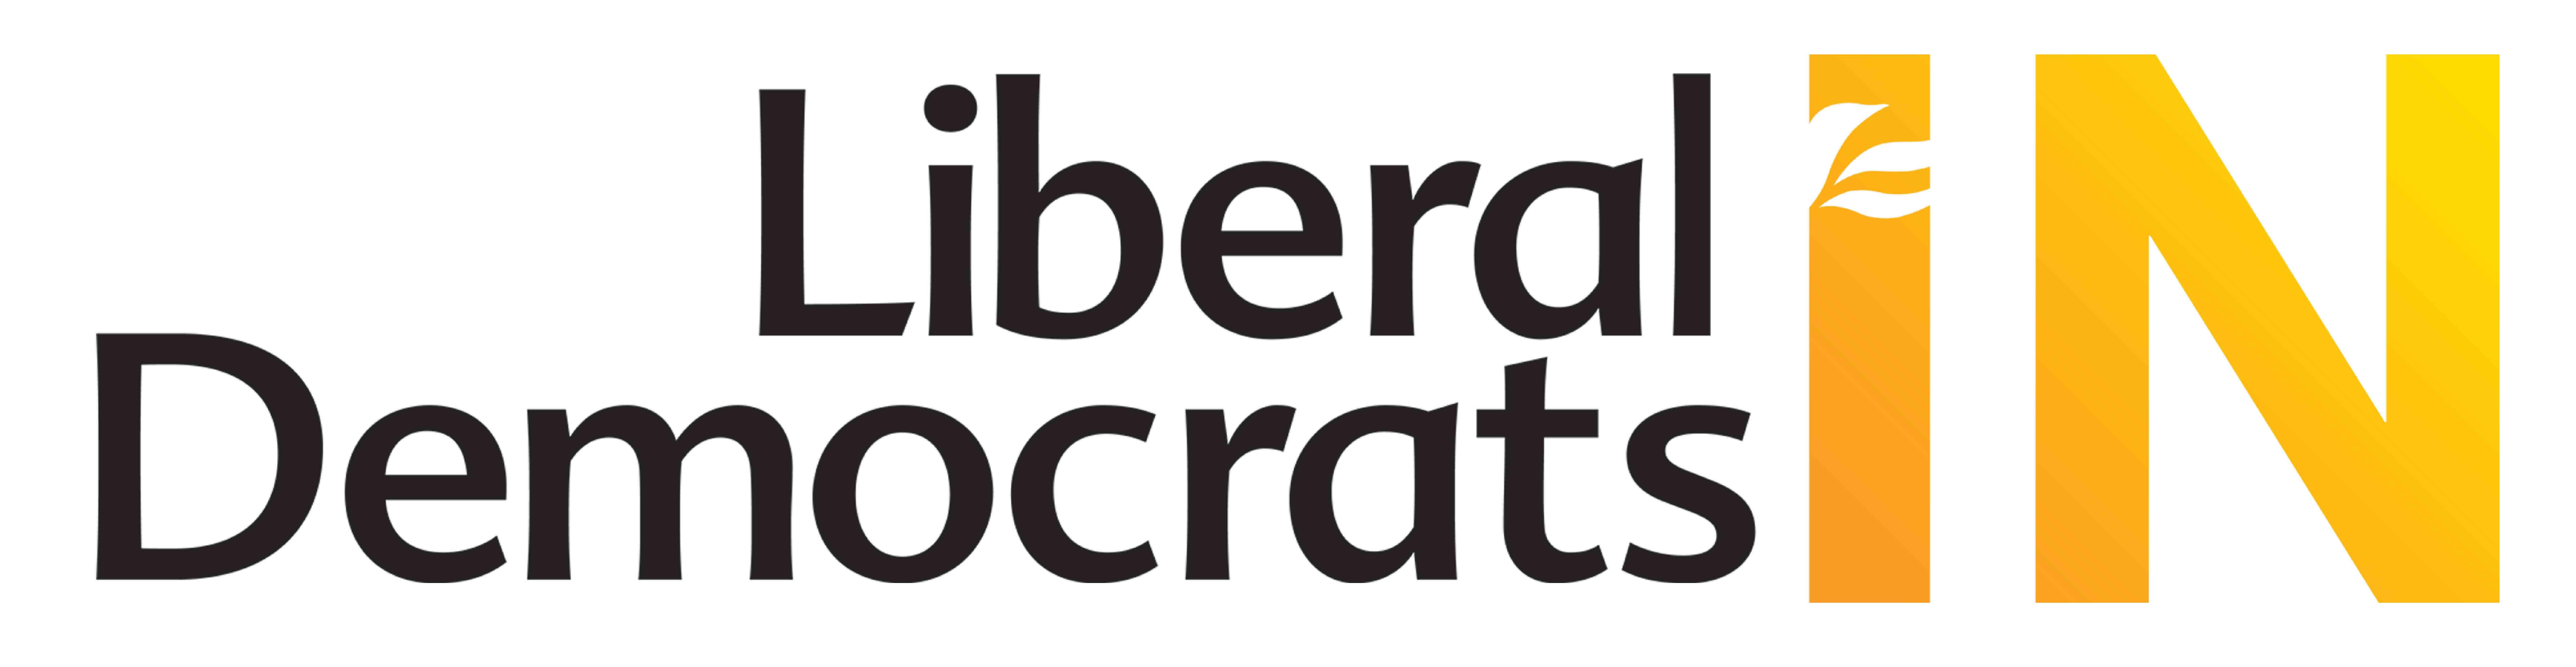 key_liberaldemocratsIN.jpg